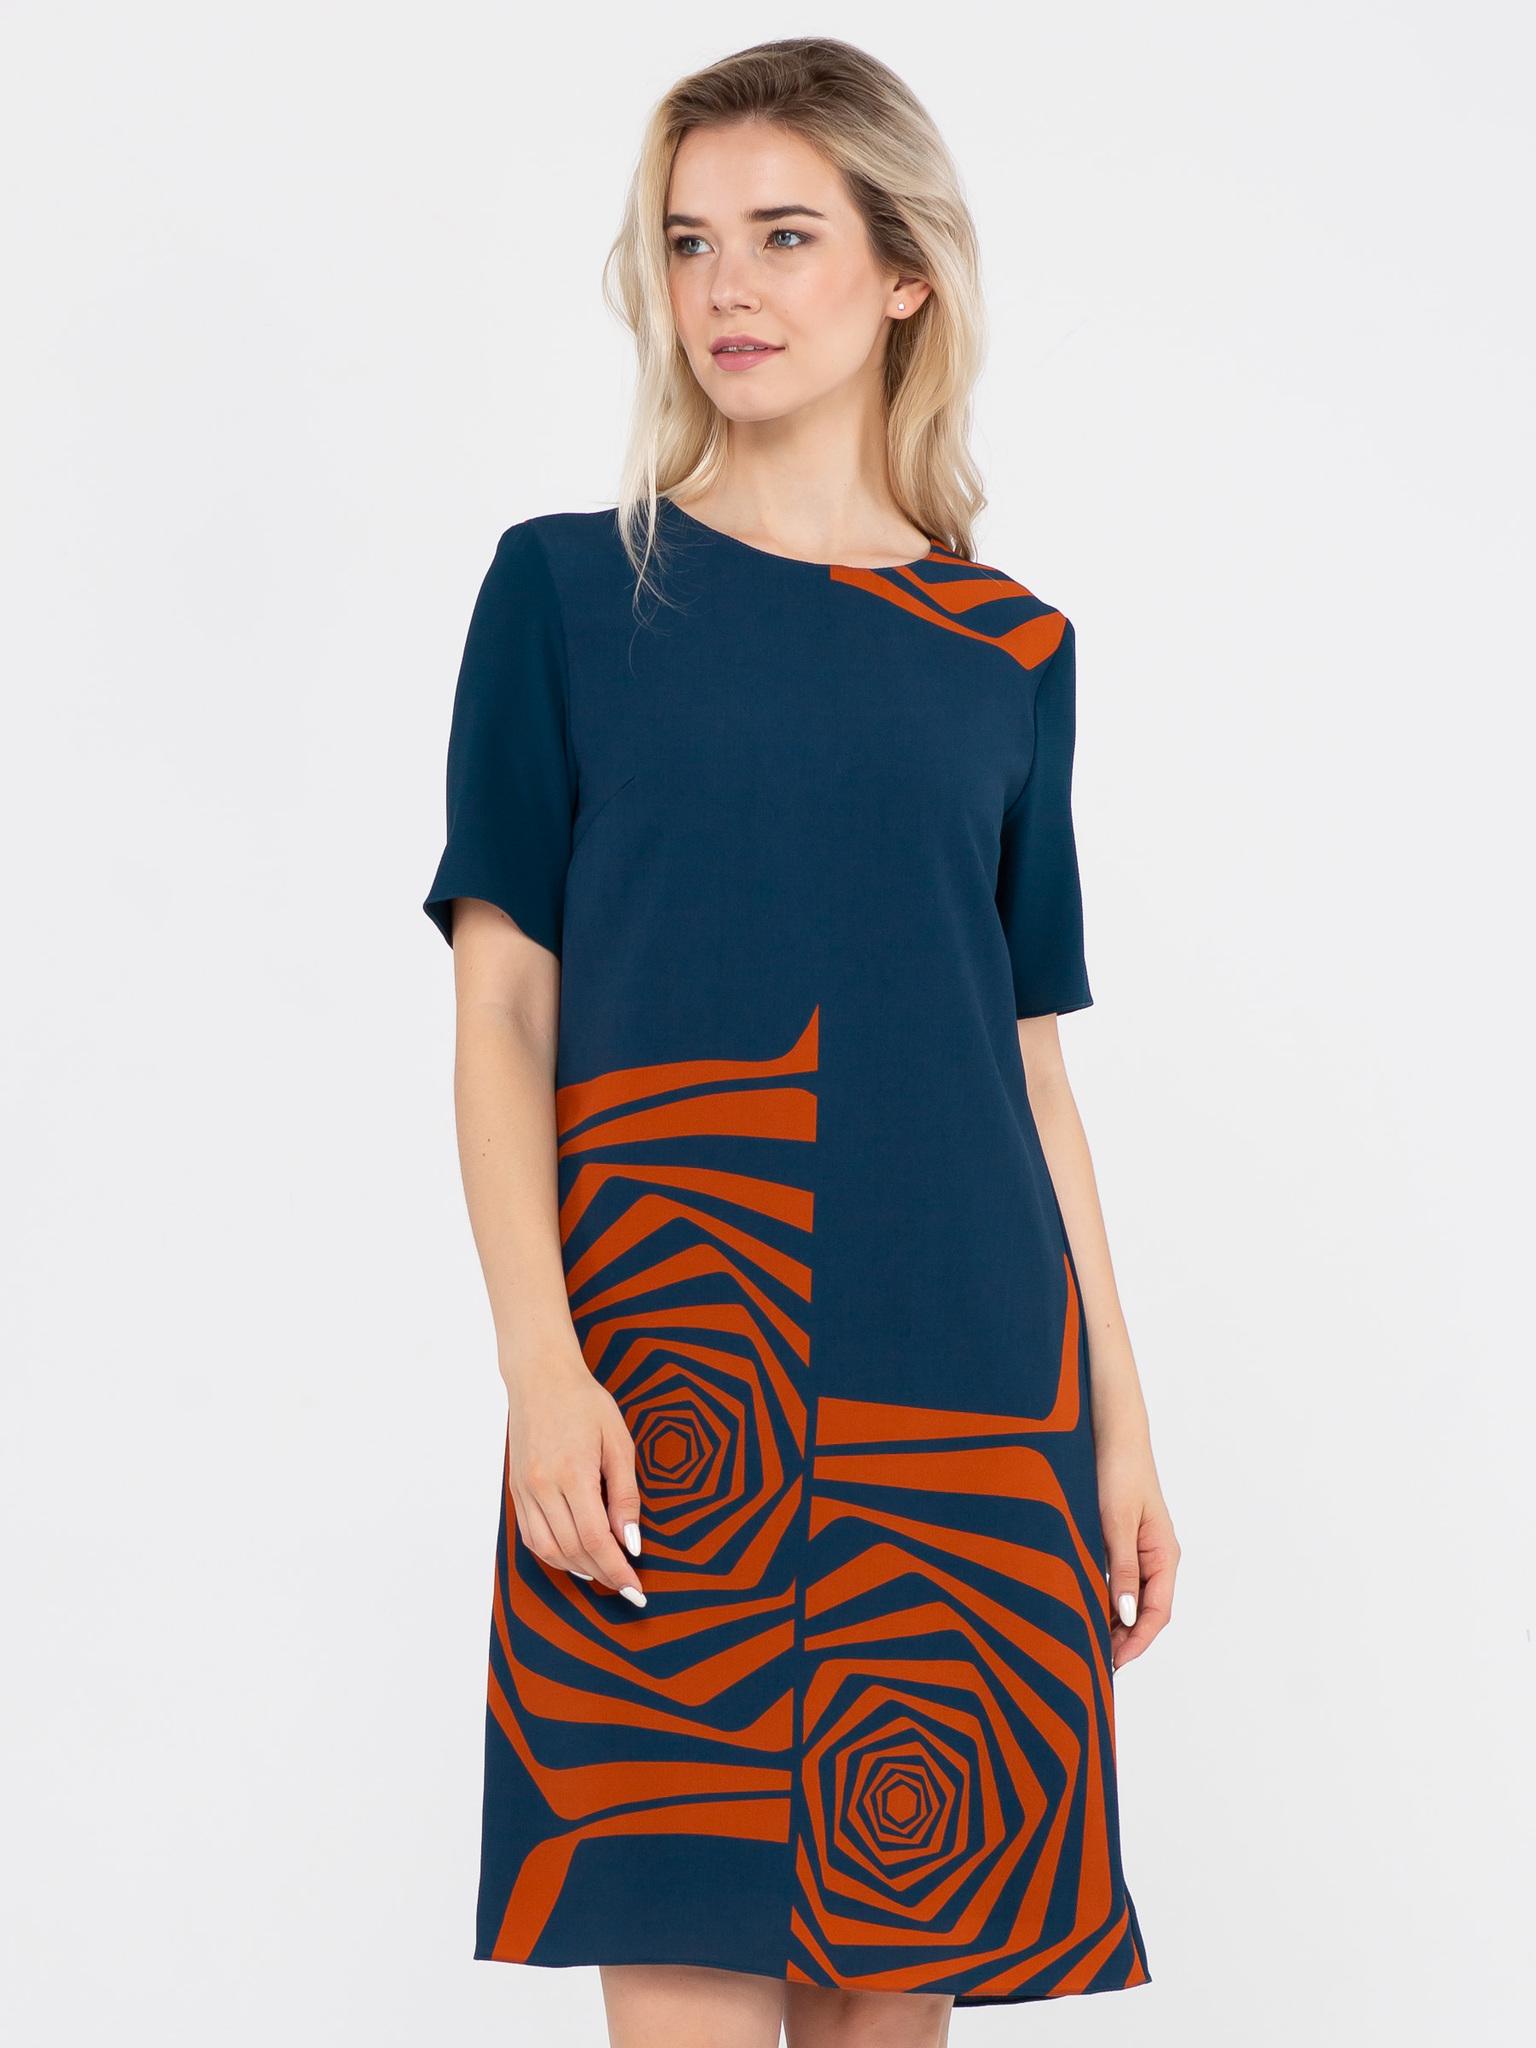 Платье З120а-537 - Оригинальное платье прямого силуэта с графичным принтом. Ткань производства Италии